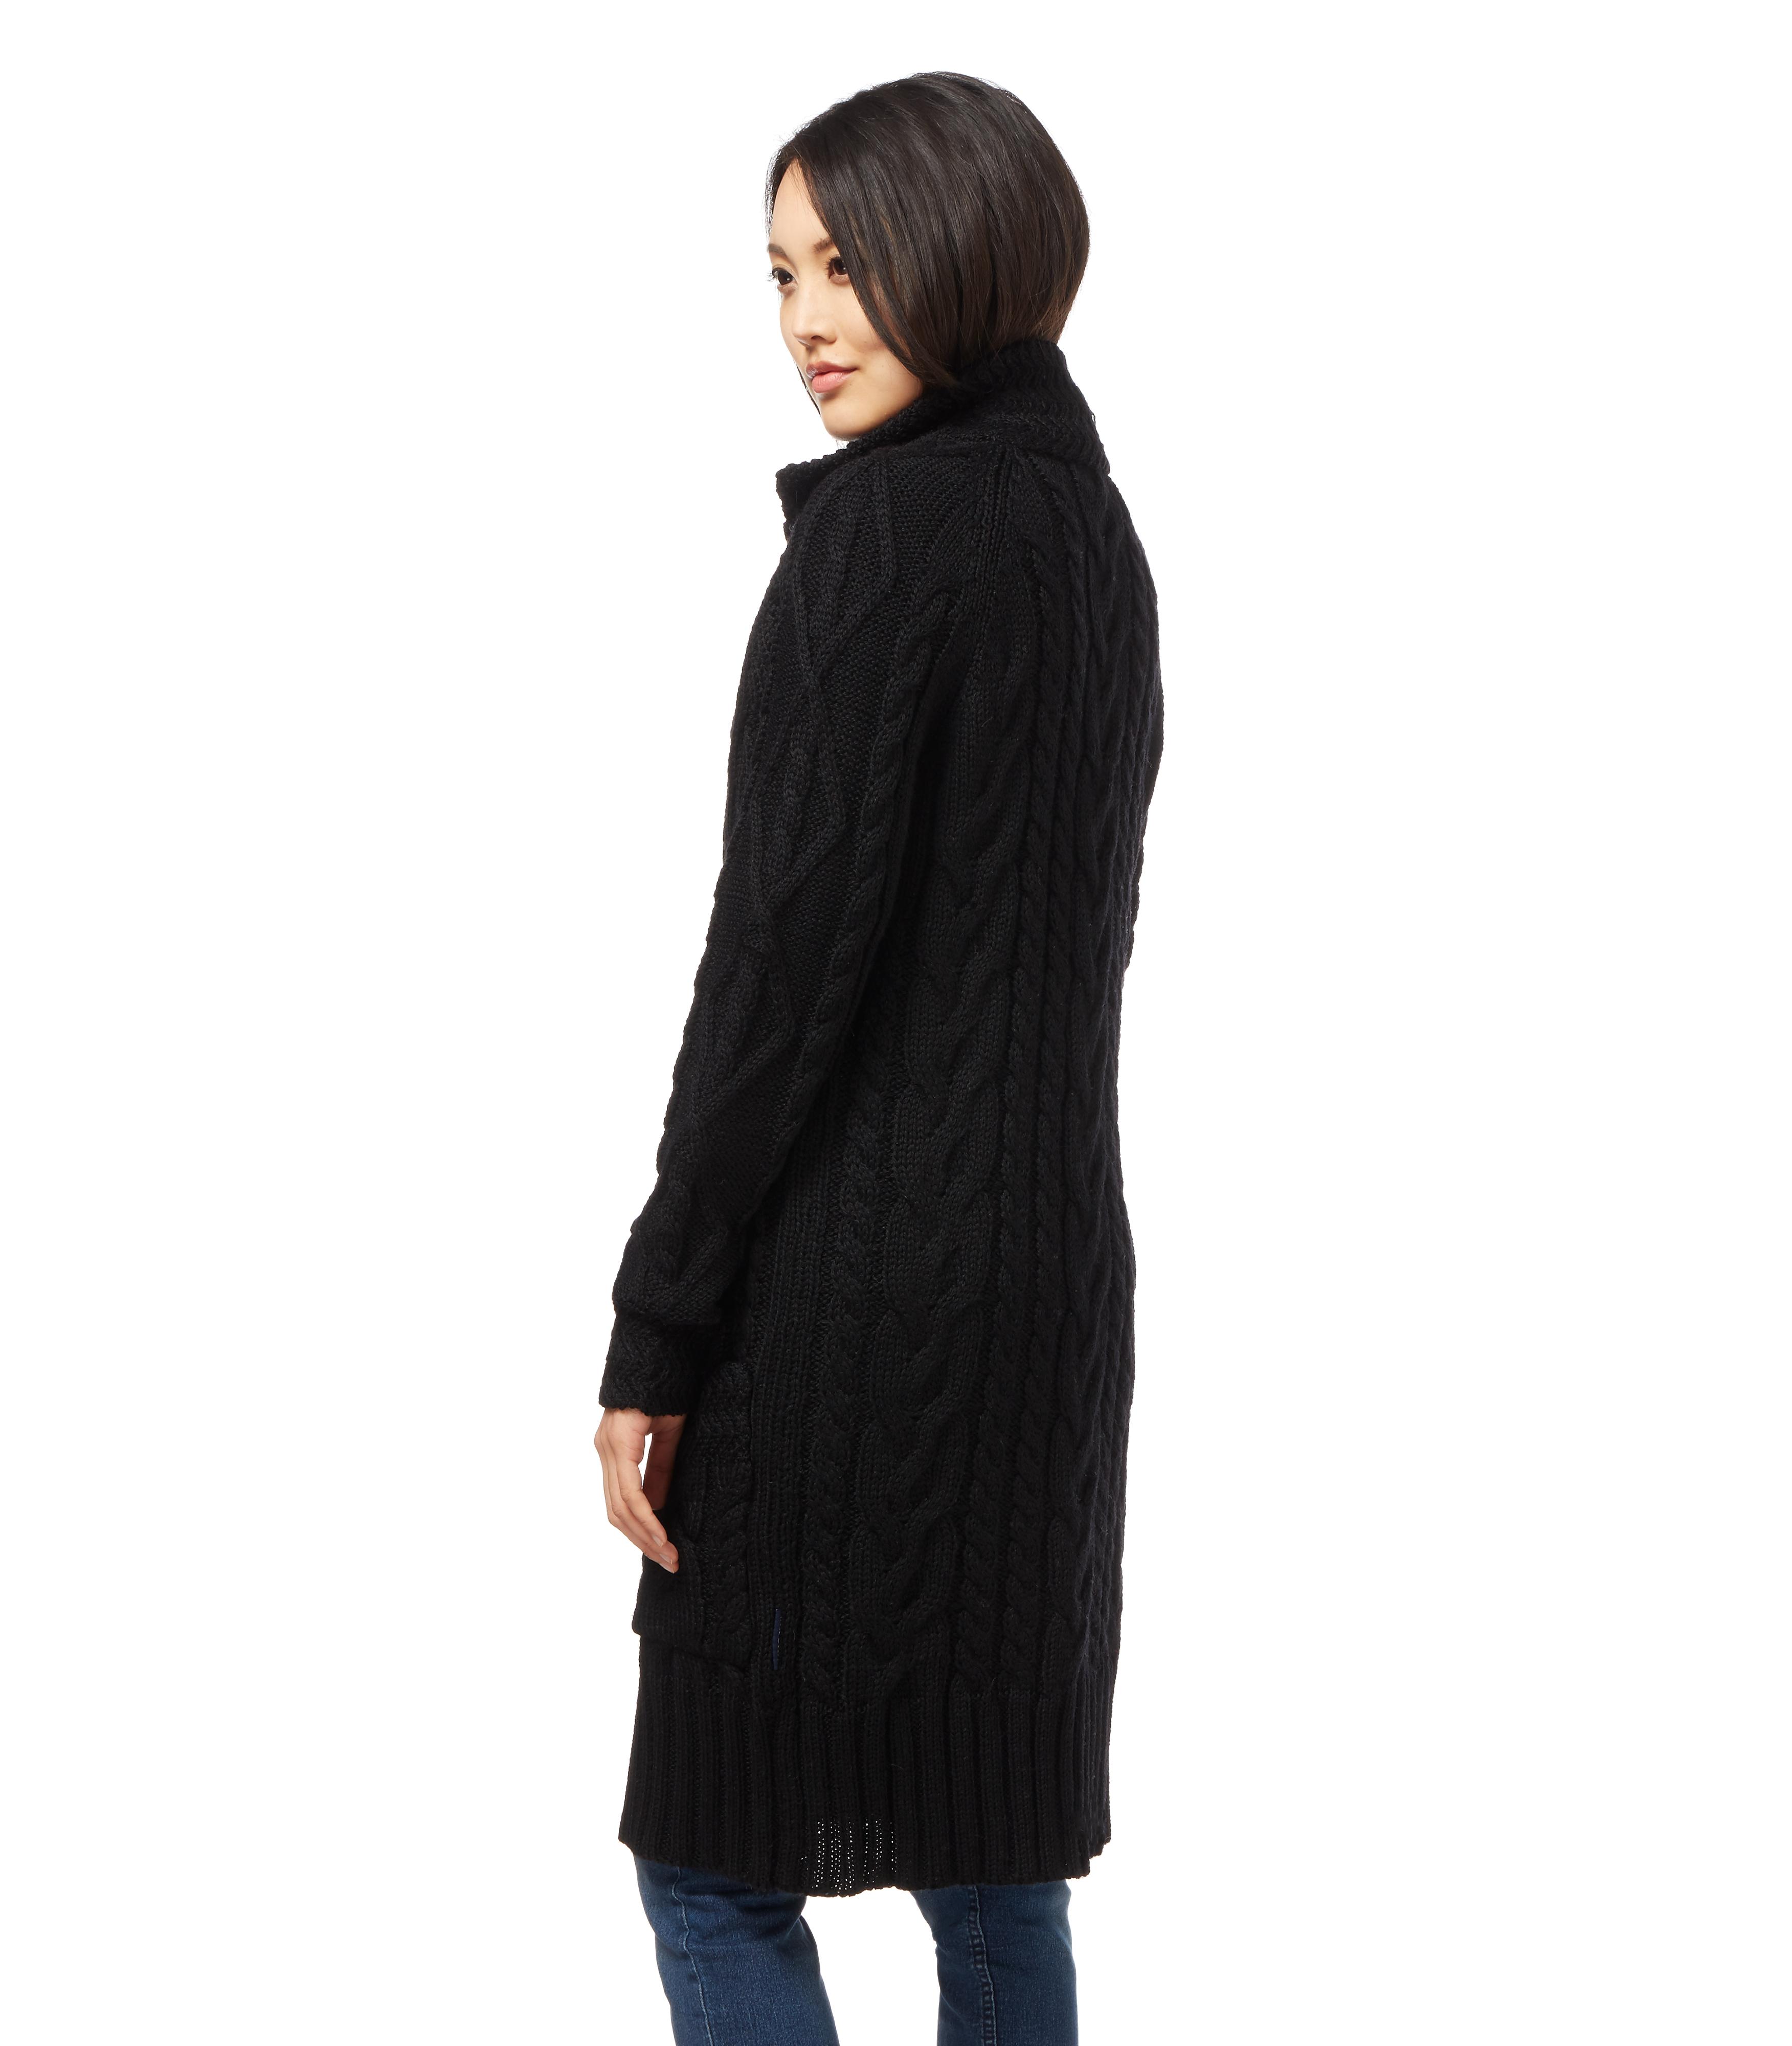 woolovers damen lange strickjacke aran zopfmuster cardigan. Black Bedroom Furniture Sets. Home Design Ideas